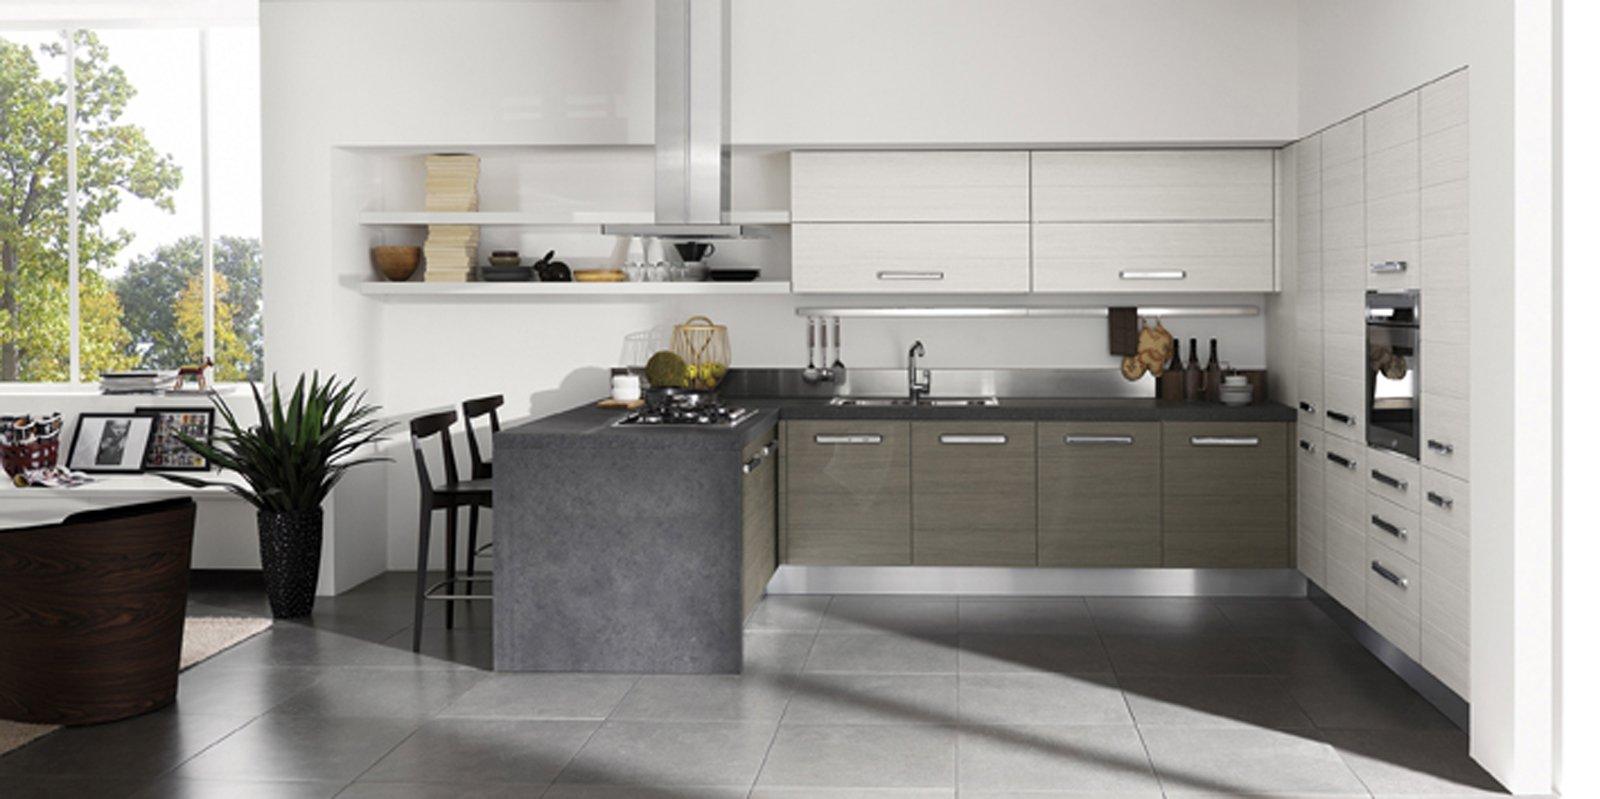 Cucine Moderne Con Isola Veneta : Versioni Con Maniglia O Con Gola  #737A51 1600 799 Cucine Veneta Con Isola